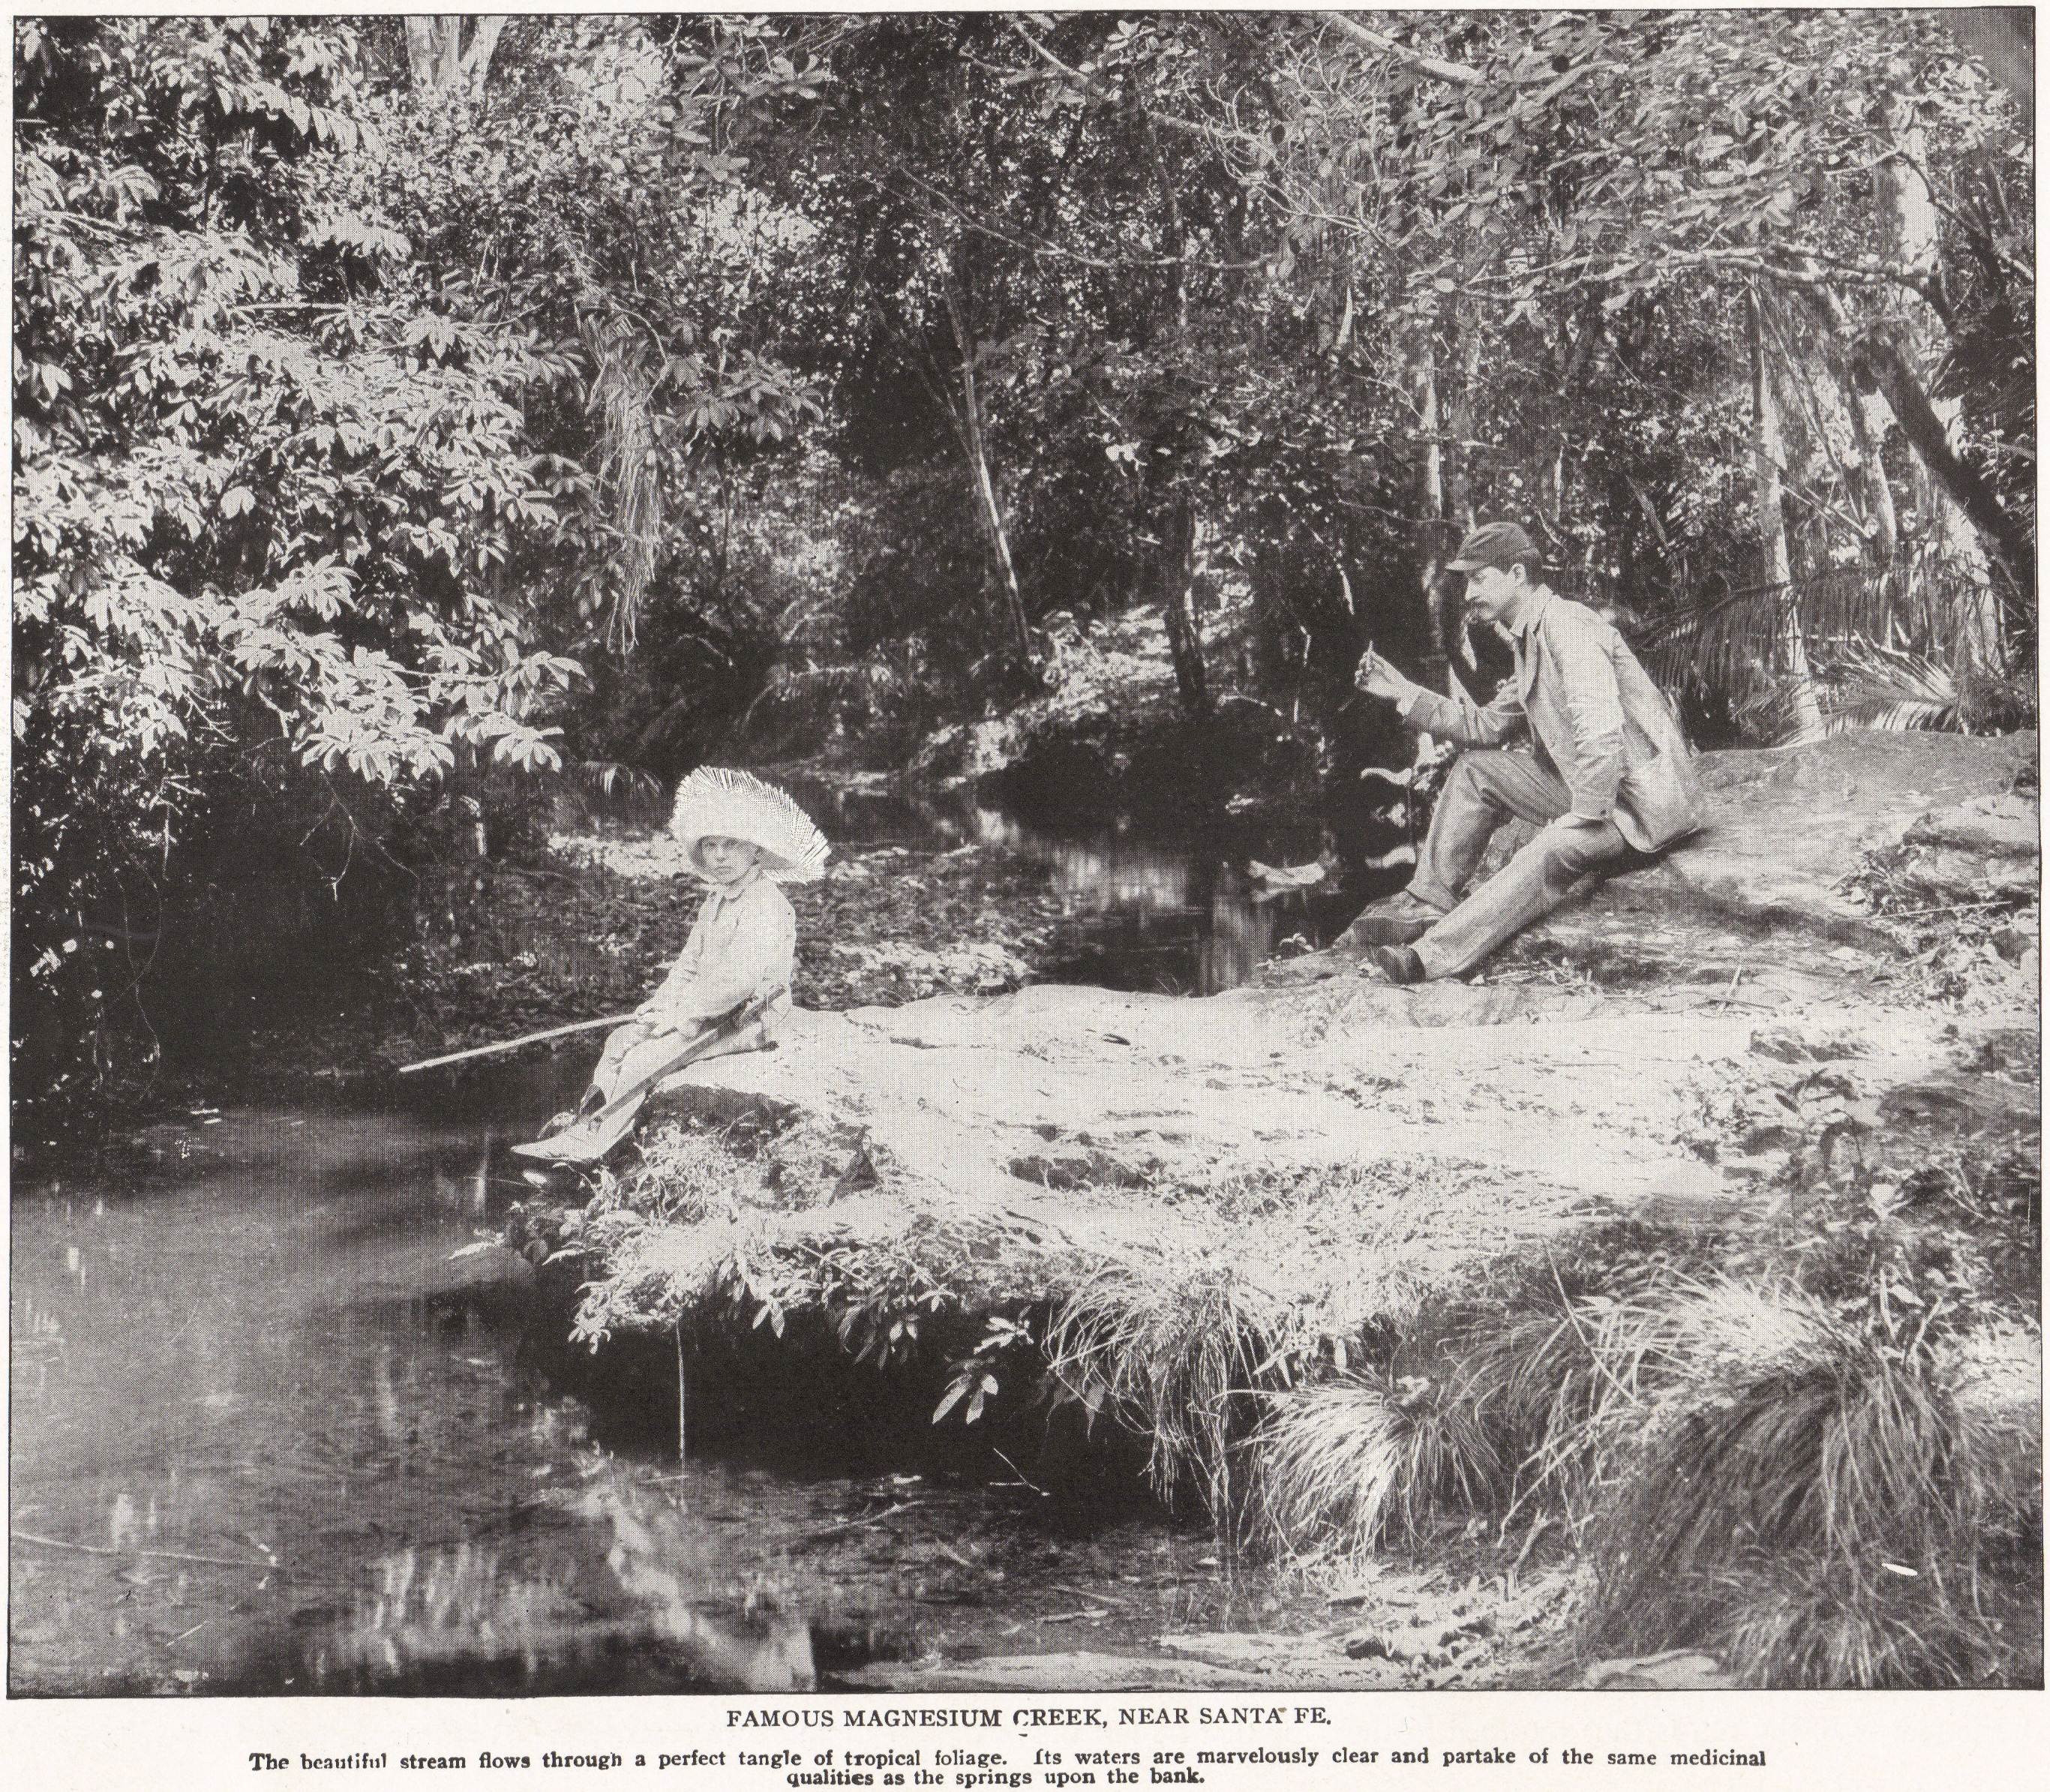 FAMOUS MAGNESIUM CREEK, NEAR SANTA FE, CUBA (1898)